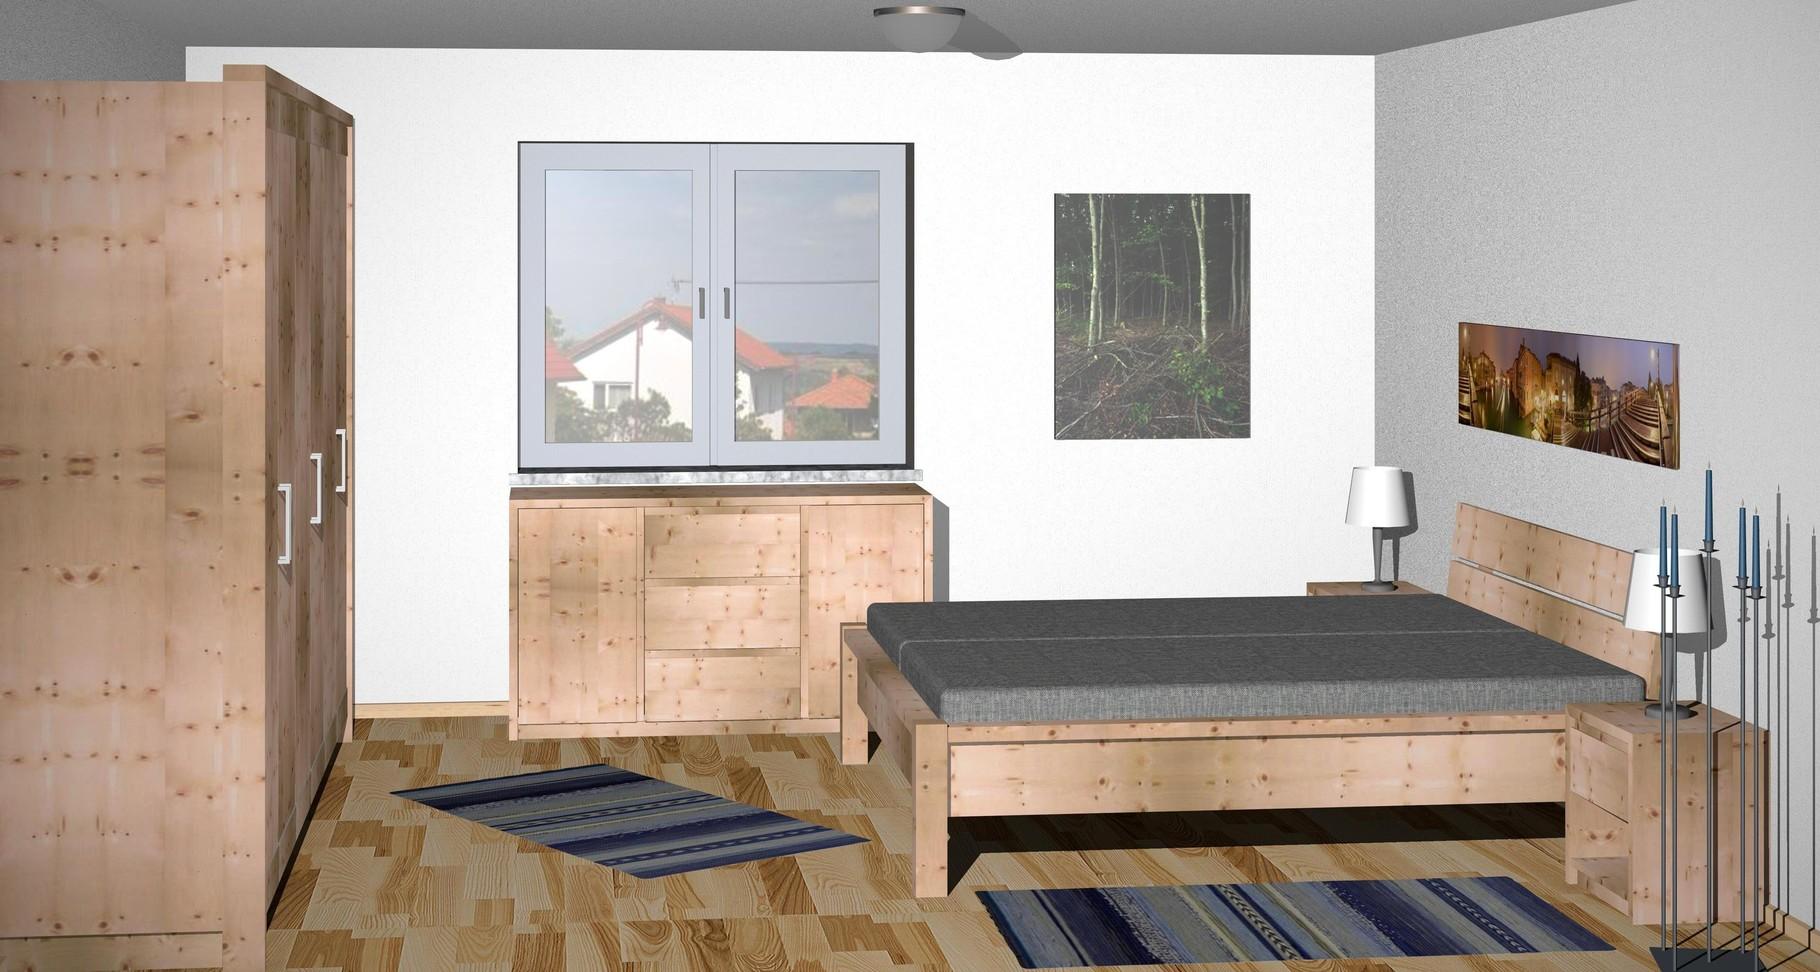 Zirbenholz schlafzimmer modern  Zirbenbett, Arvenbett, Zirbenholz, Zirbenholz Schlafzimmer ...